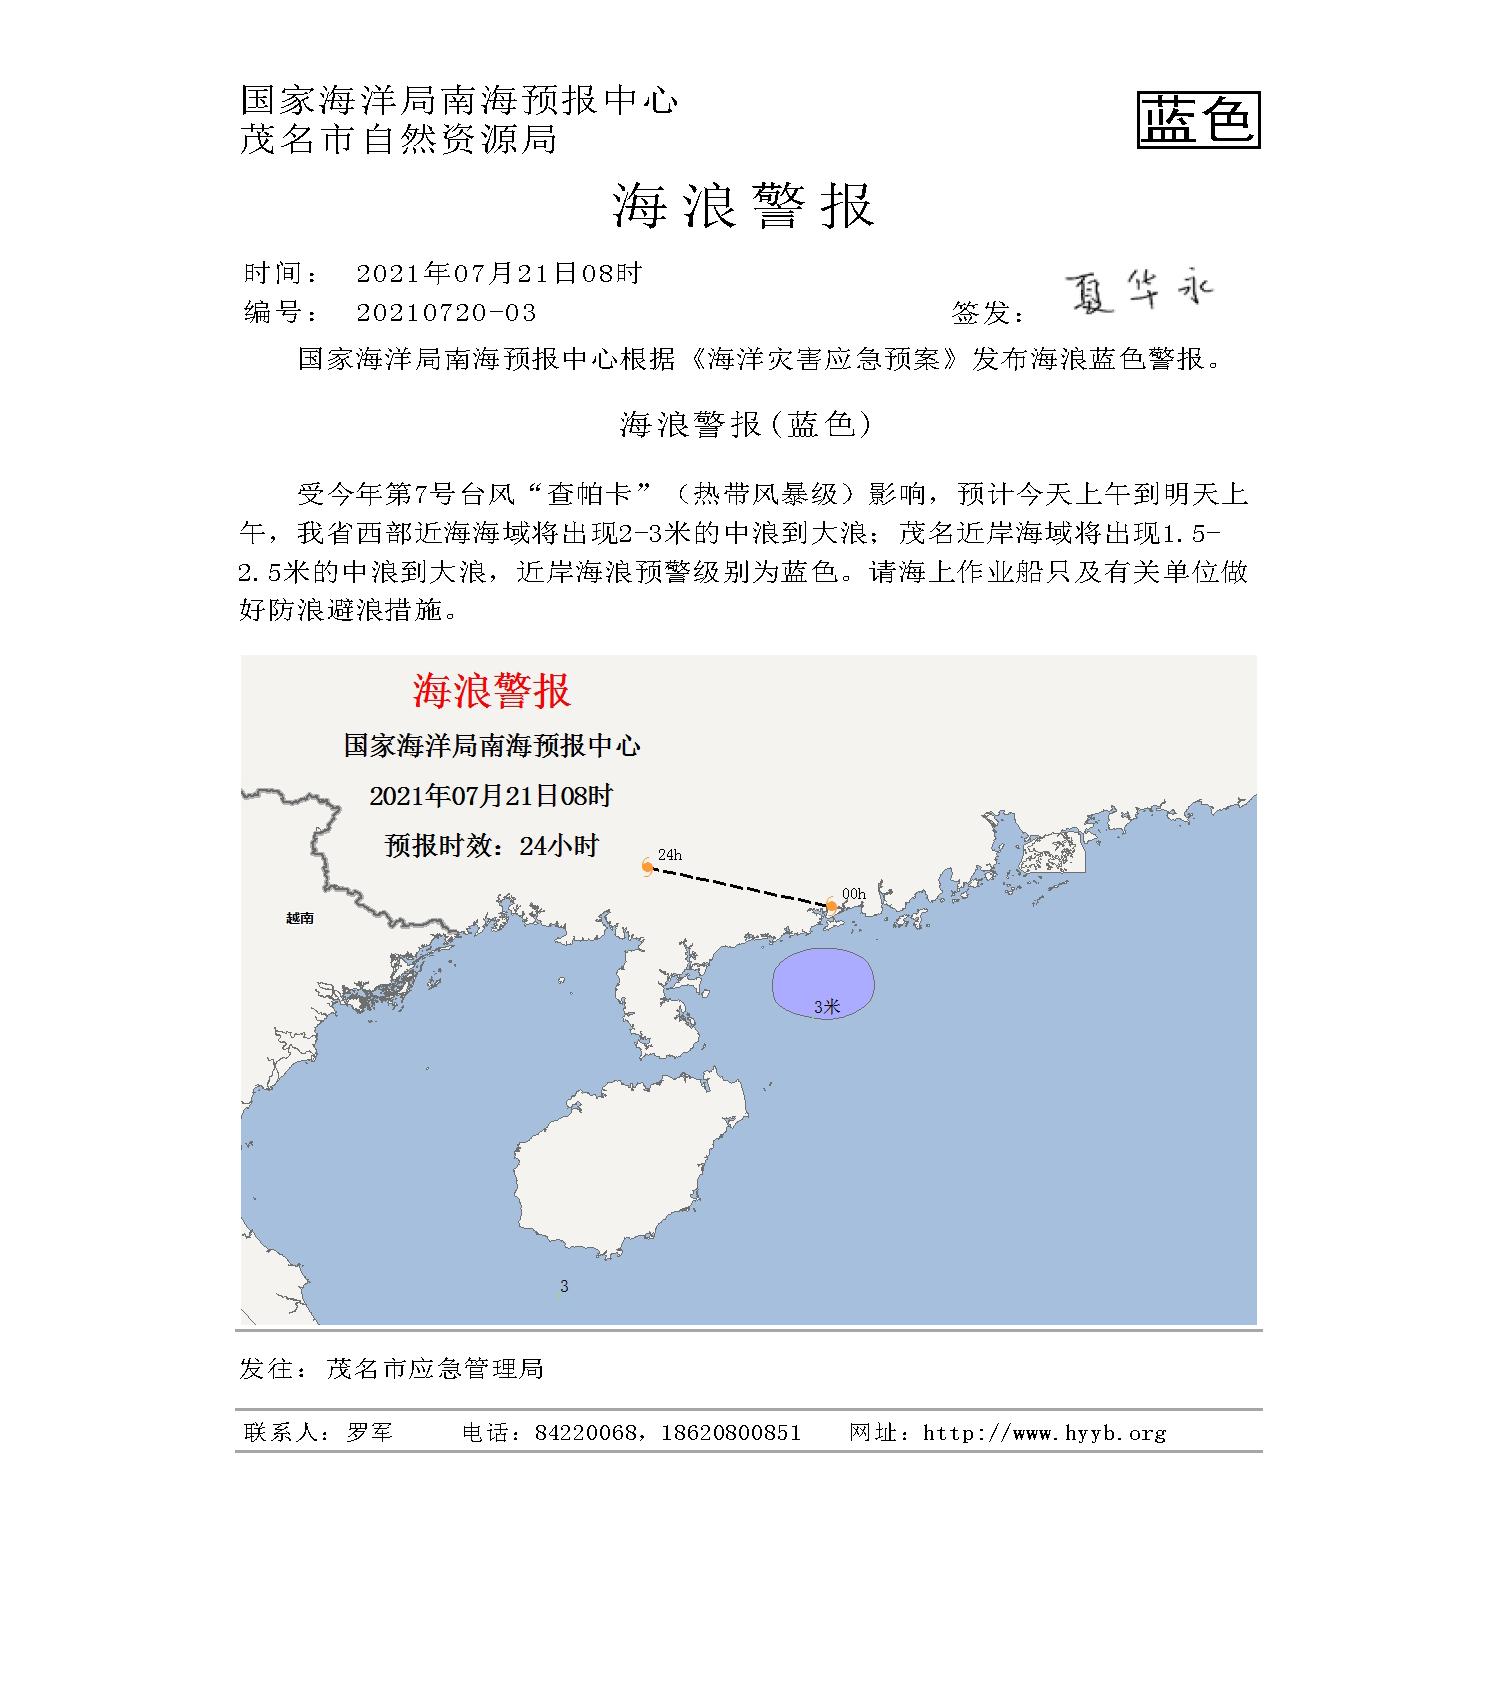 海浪警报-茂名2021072108.png